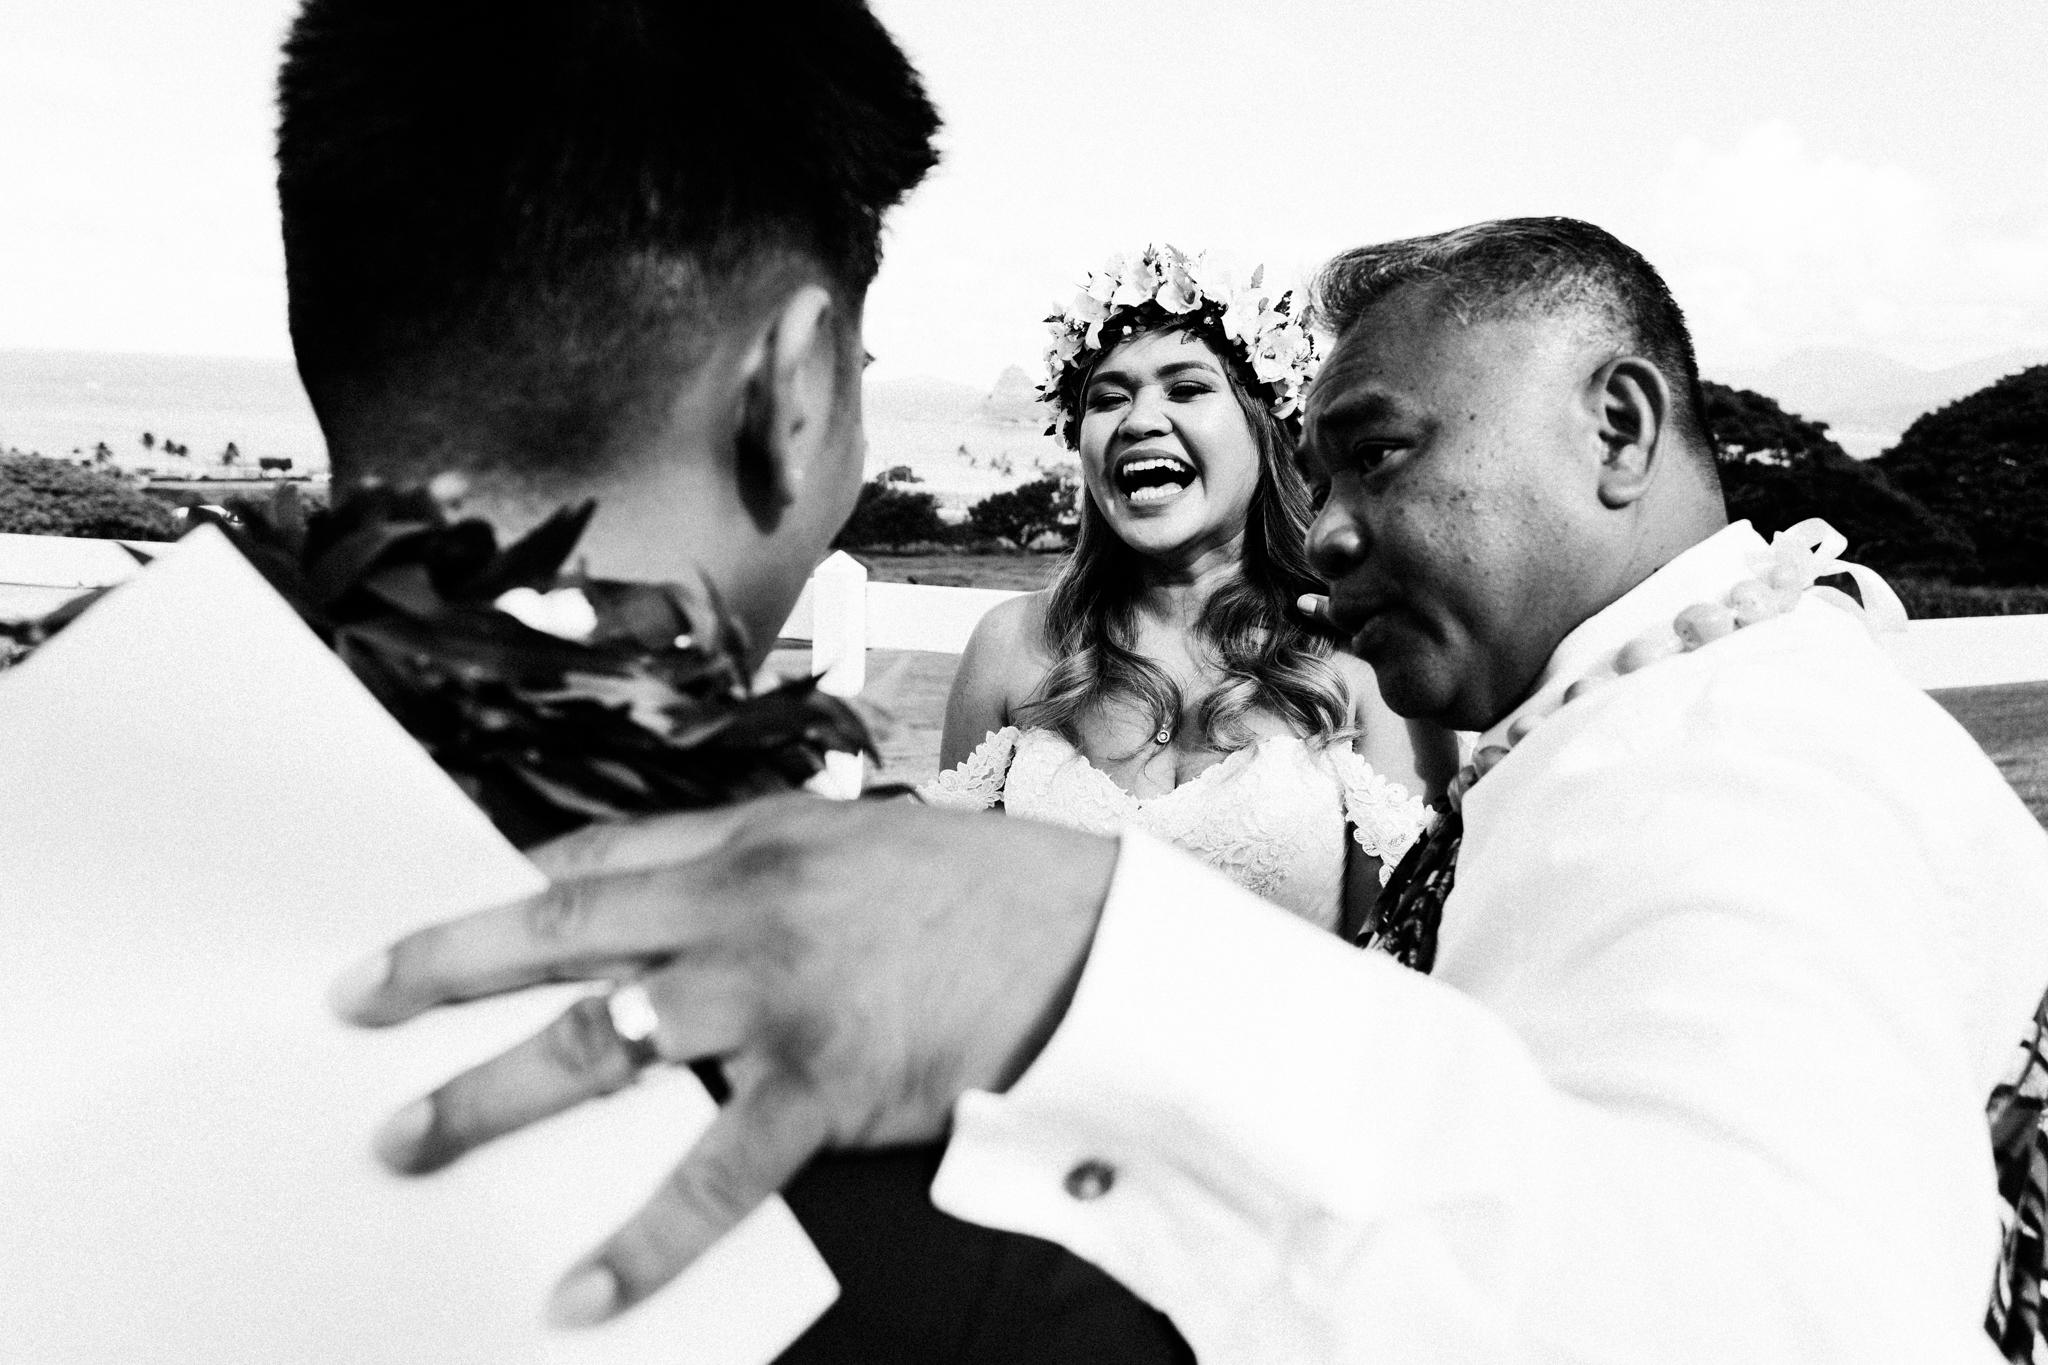 kualoa_ranch_wedding_photography_tone_hawaii-65.jpg